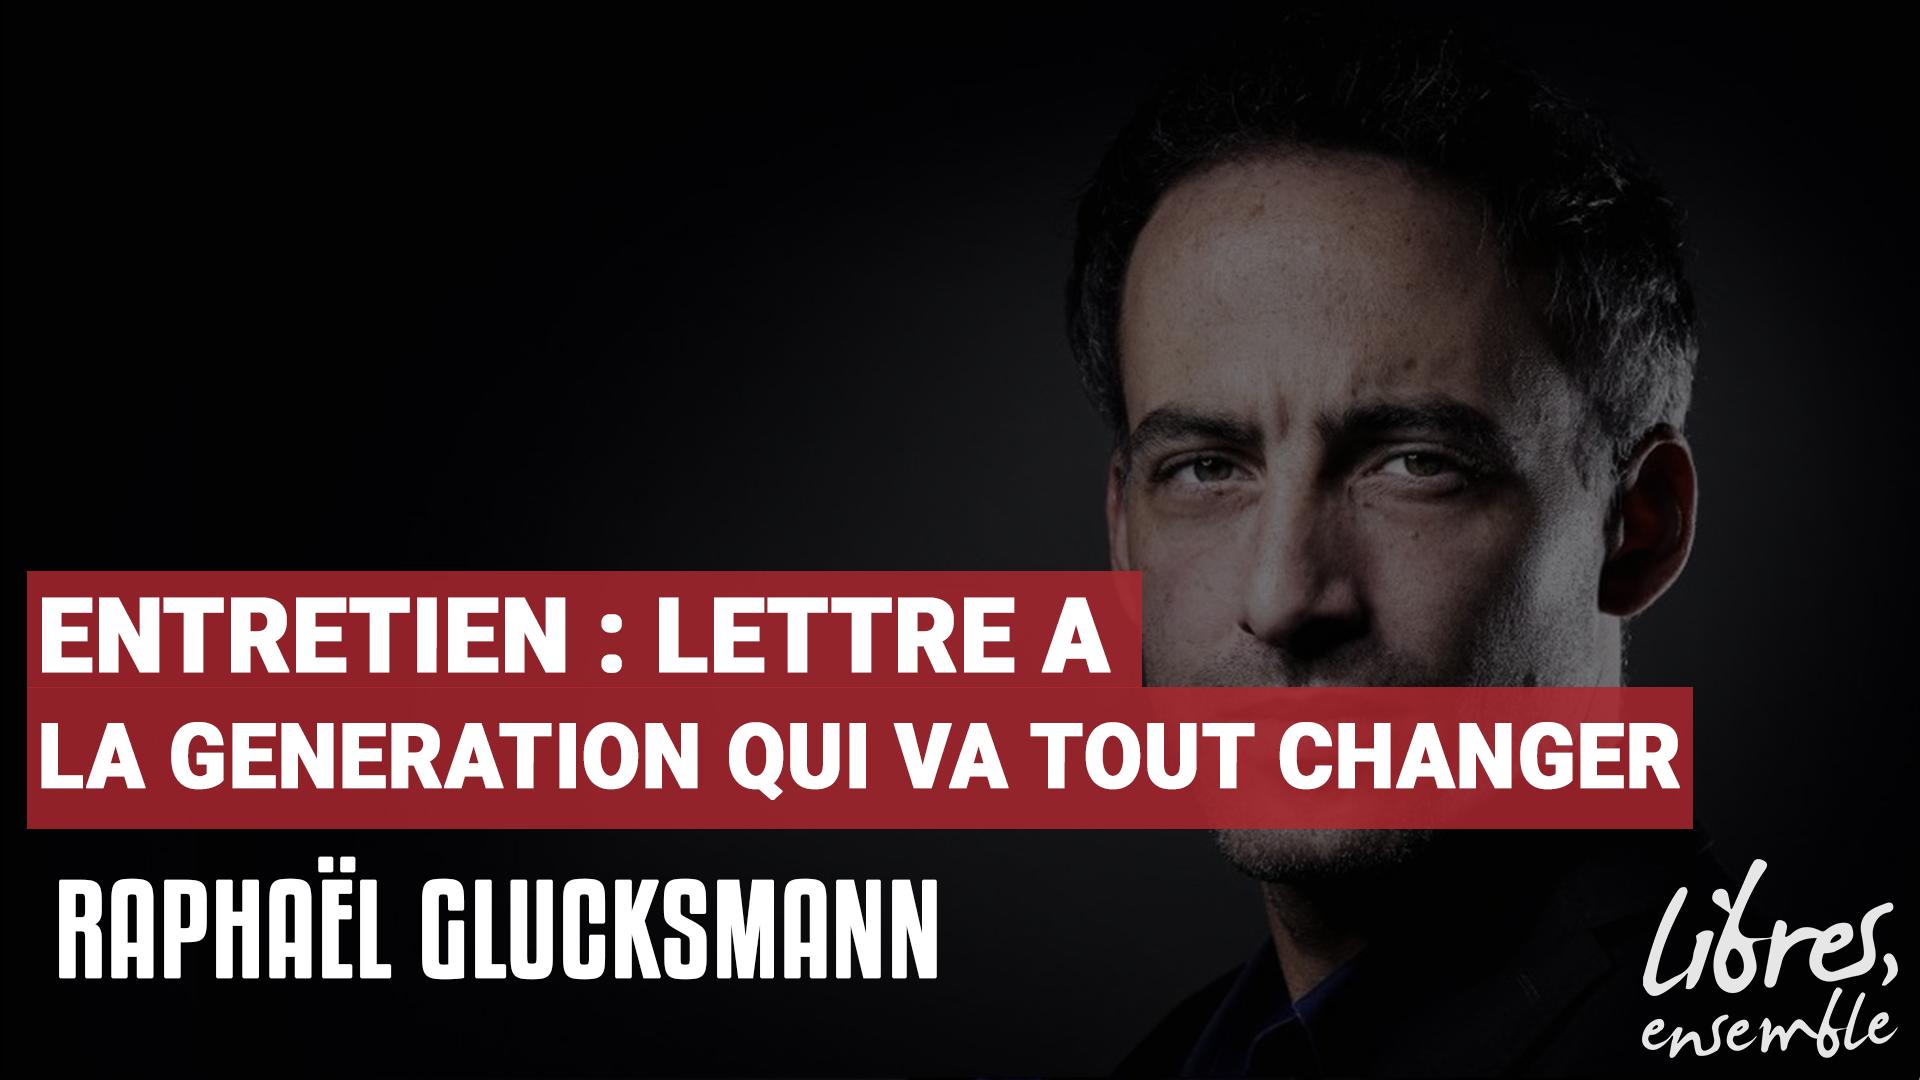 Entretien avec Raphaël Glucksmann – Lettre à la génération qui va tout changer